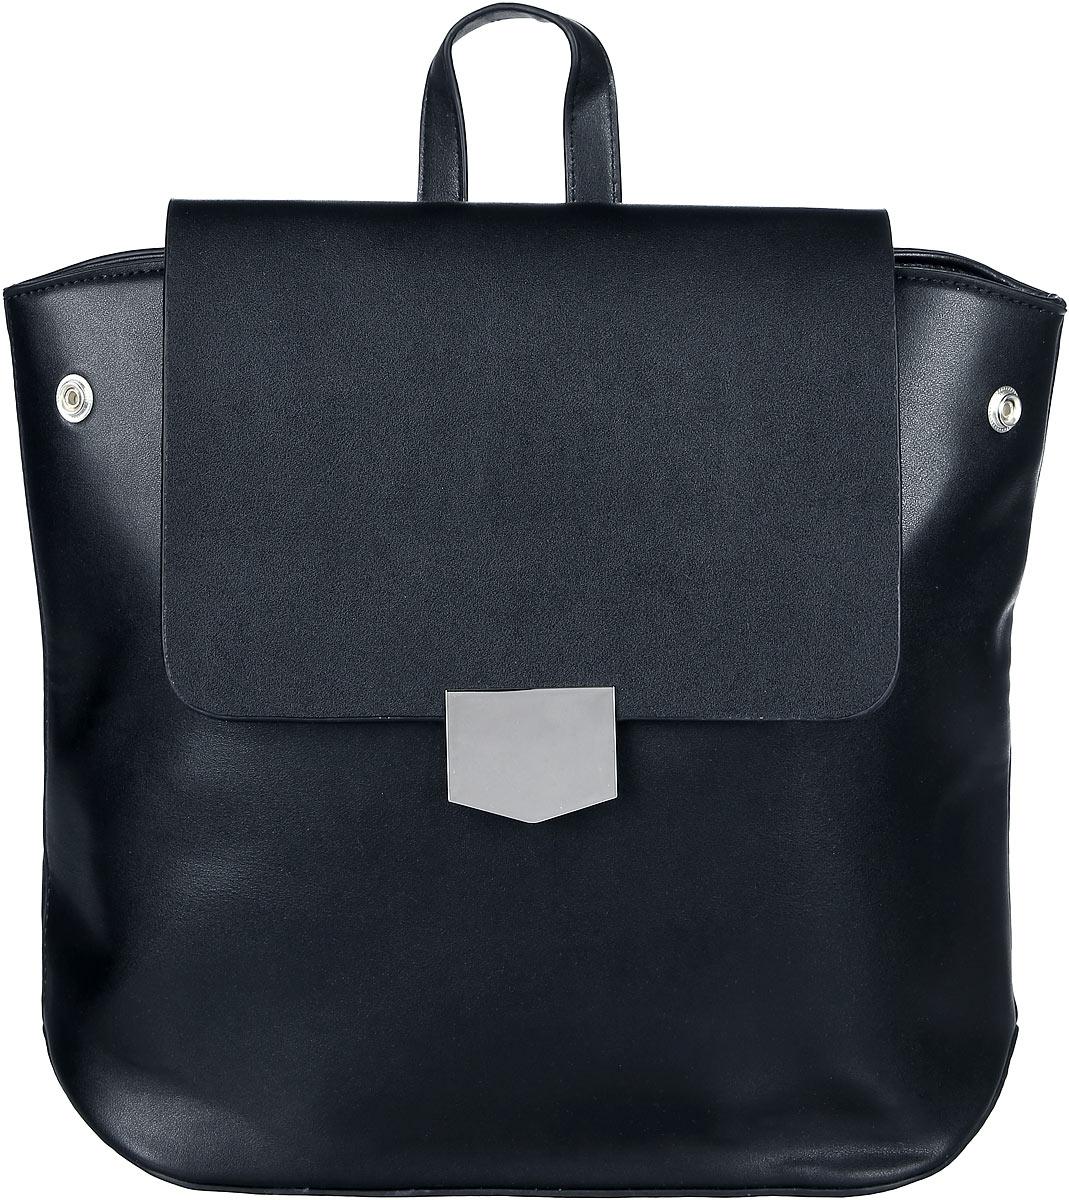 Рюкзак женский OrsOro, цвет: черный. D-262/4S76245Элегантный рюкзак OrsOro исполнен из экокожи высокого качества. Имеет одно вместительное отделение прикрытое клапаном на магнитной кнопке и под ним застегивающийся на молнию. Так же в отделении присутствуют два накладных кармашка под сотовый телефон или для мелочей и один прорезной карман на застежке-молнии. Рюкзак обладает удобной ручкой сверху для переноски и двумя регулируемыми плечевыми ремнями-лямками на карабинах. По бокам рюкзака имеются четыре кнопки благодаря которым можно регулировать форму рюкзака от прямоугольной до трапецевидной.